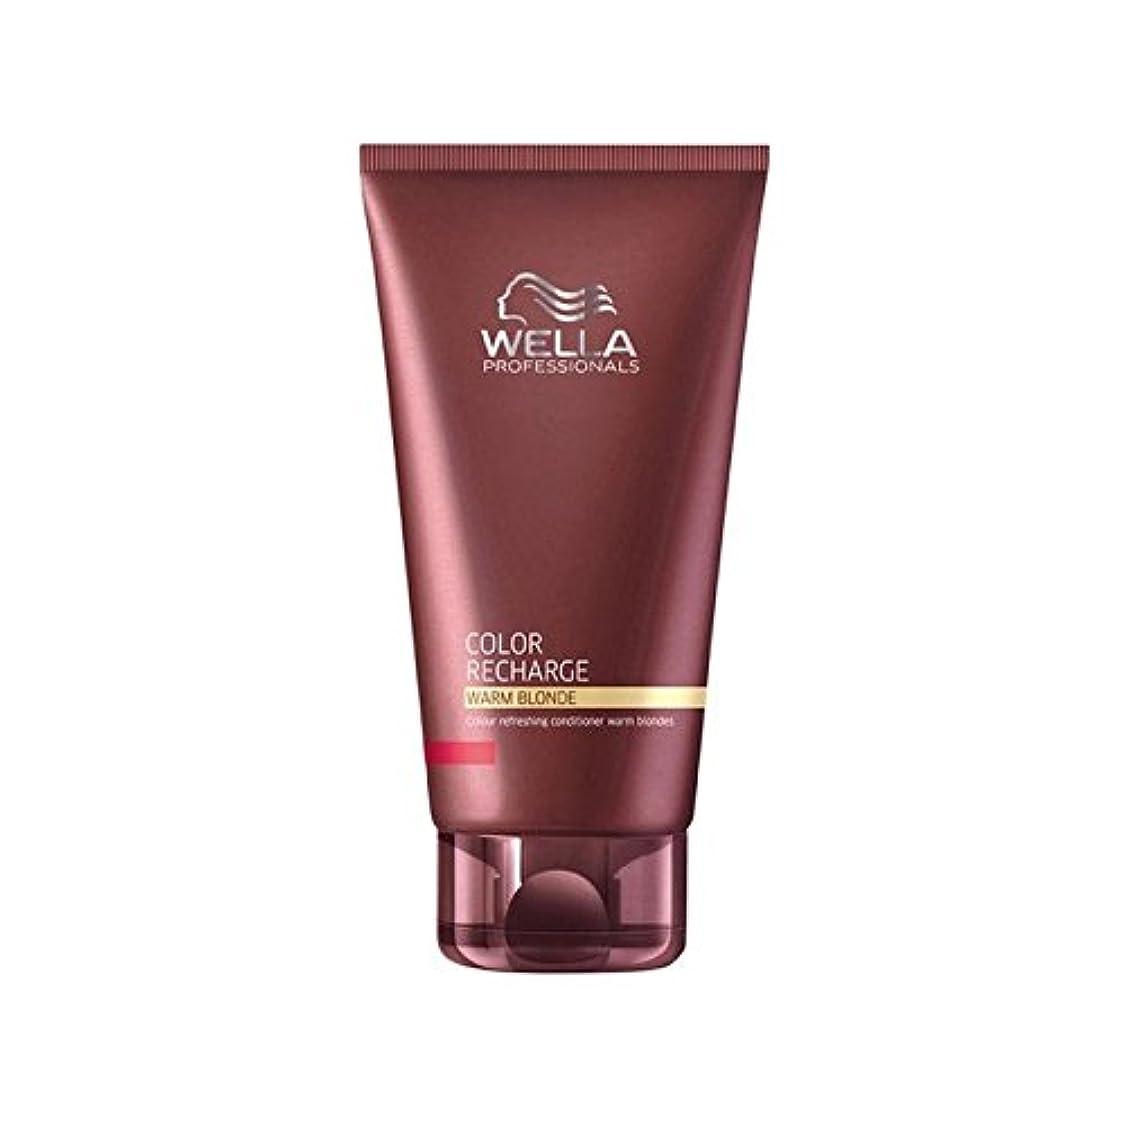 エンターテインメントどちらか褒賞ウエラ専門家のカラー再充電コンディショナー暖かいブロンド(200ミリリットル) x2 - Wella Professionals Color Recharge Conditioner Warm Blonde (200ml...